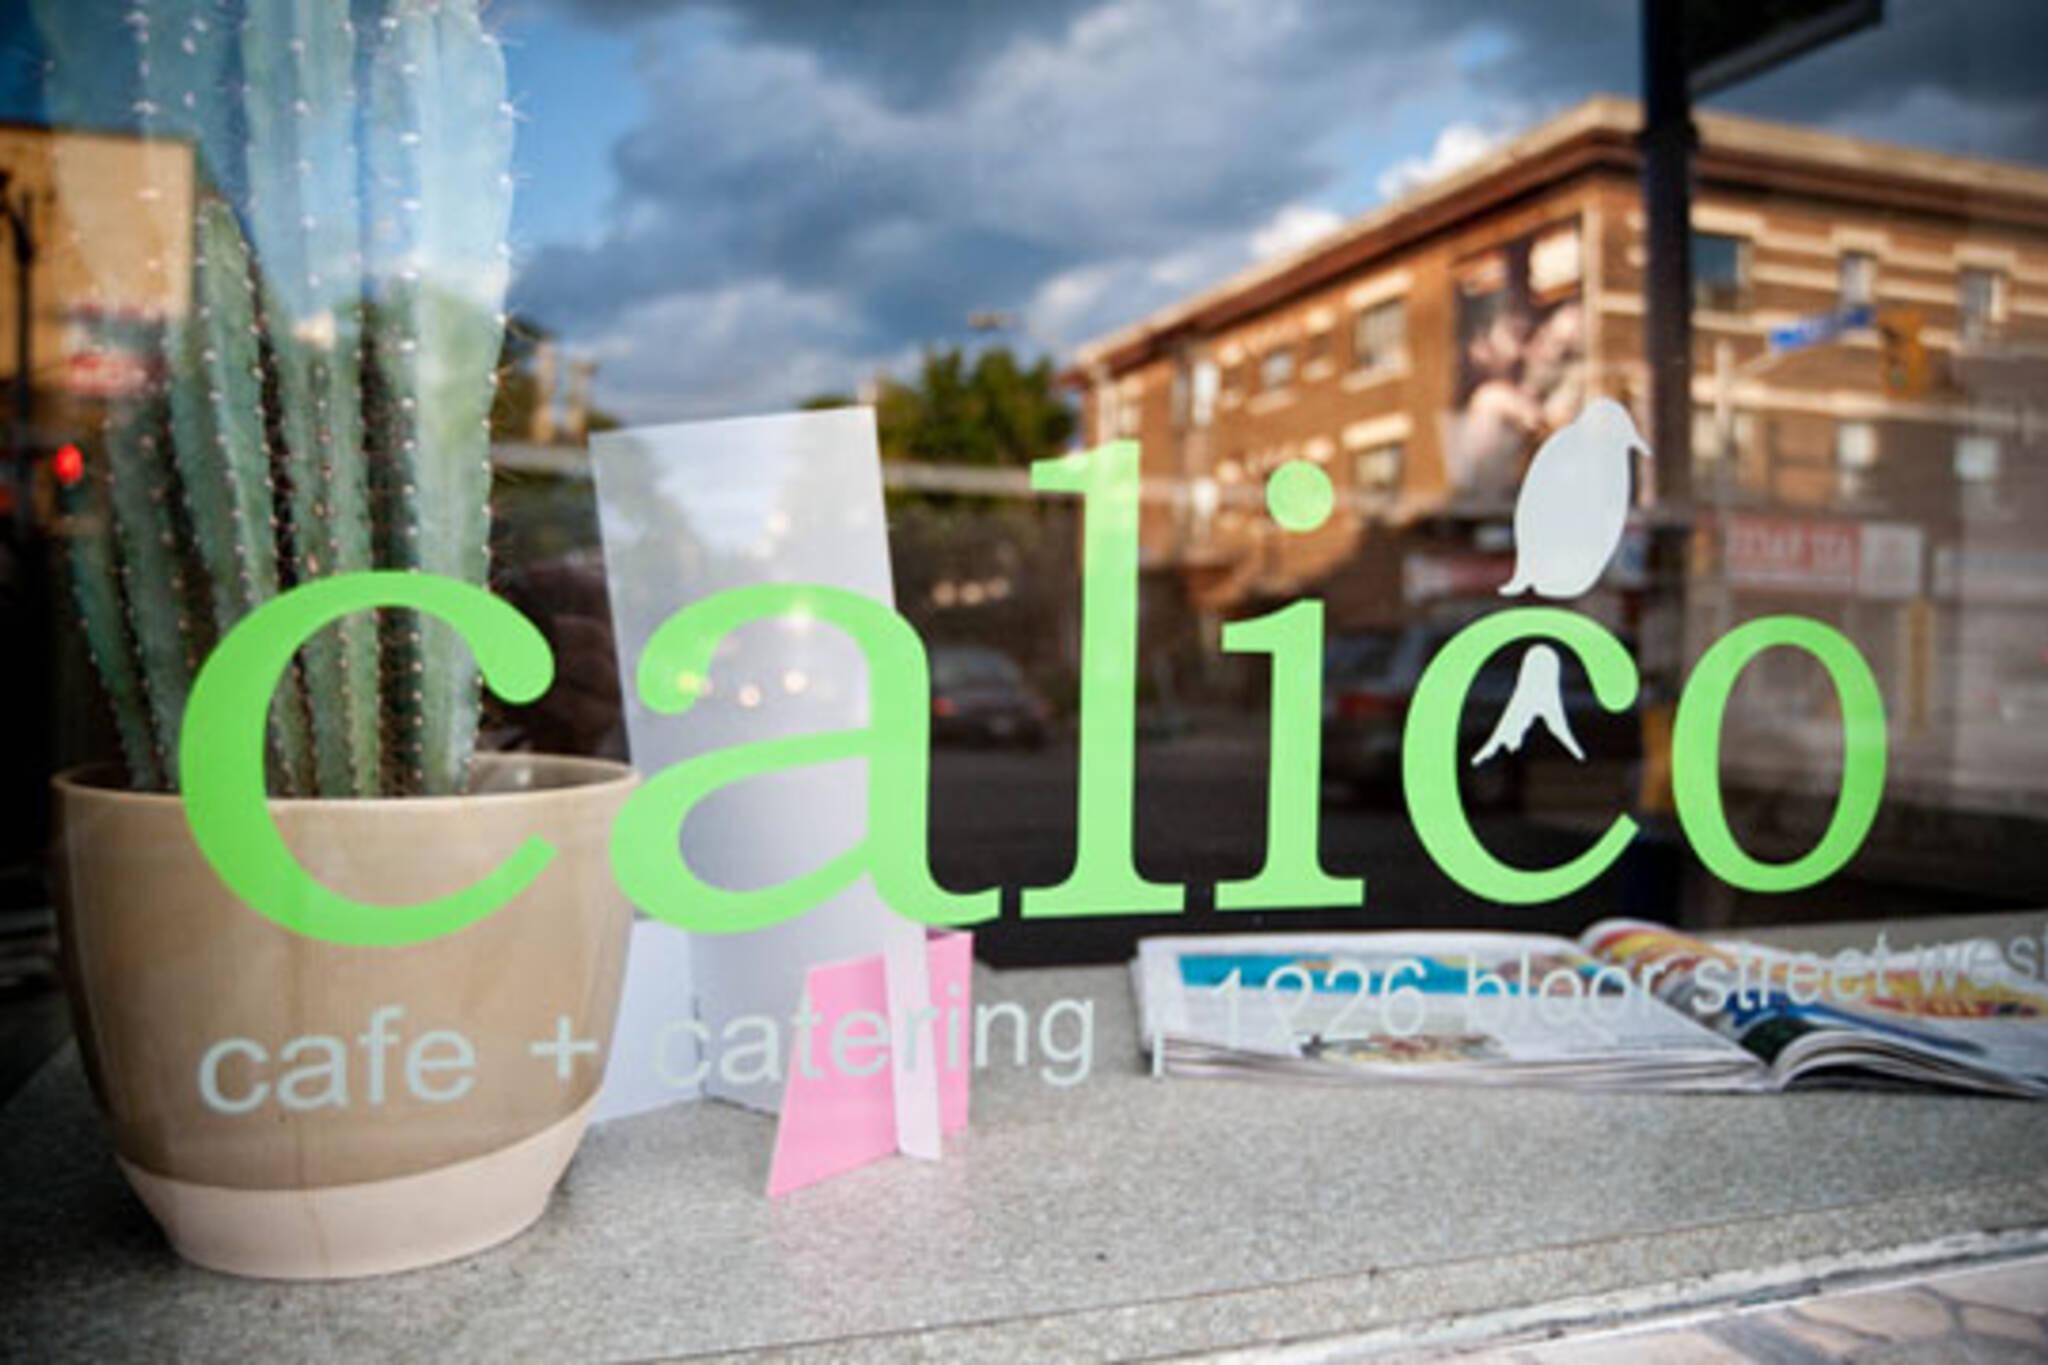 Calico cafe toronto